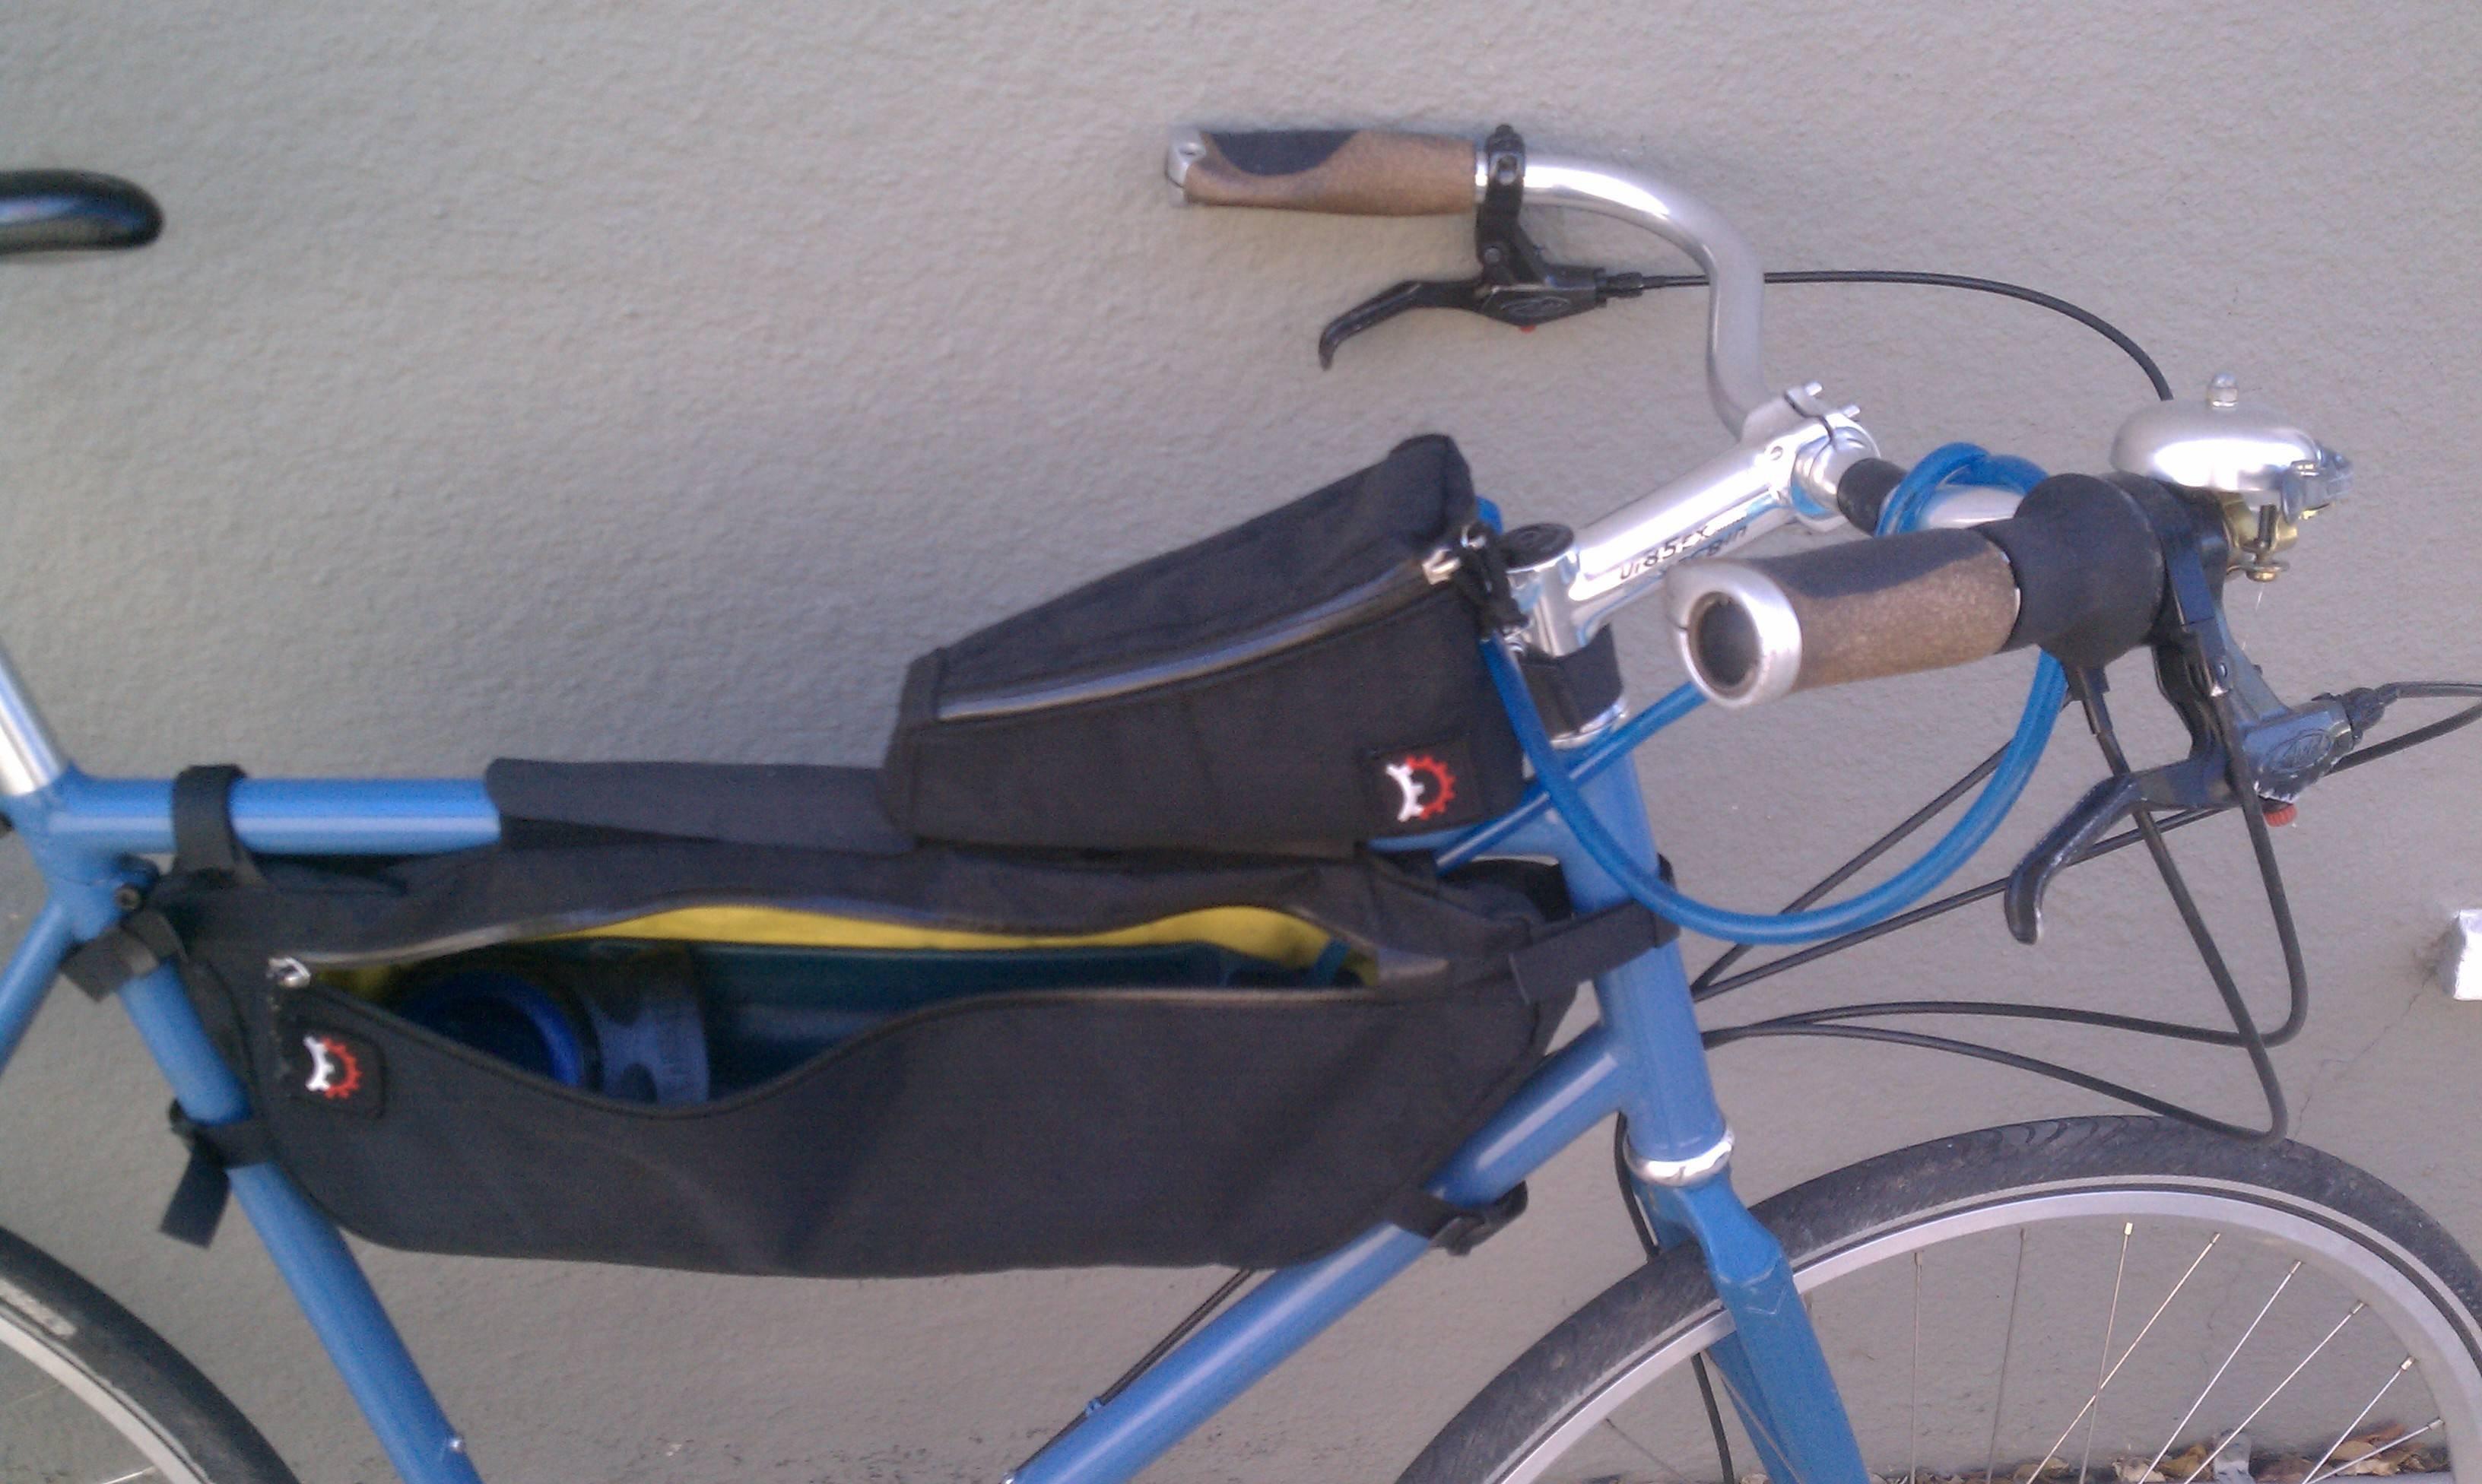 Camelbak in Revelate Designs Tangle Bag